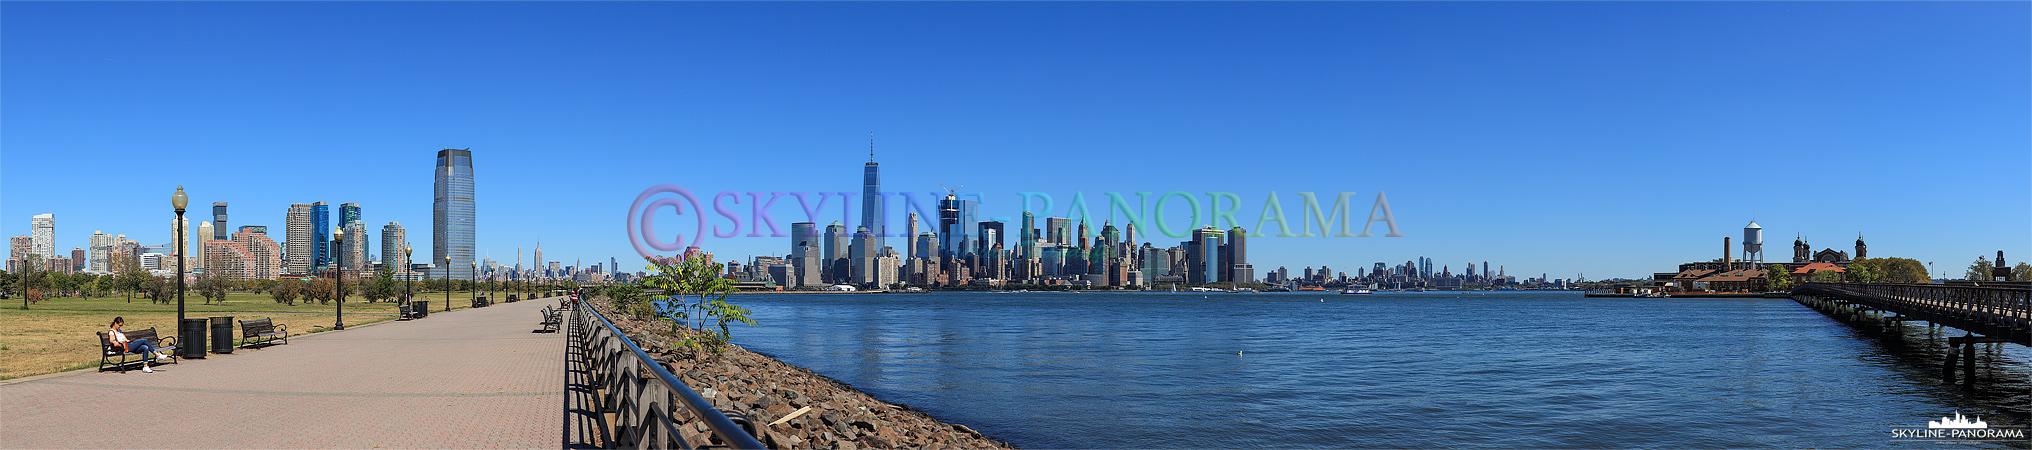 Das Panorama vom Liberty State Park in Jersy City auf die Skyline von Manhattan mit Elise Island am rechnen Bildrand.